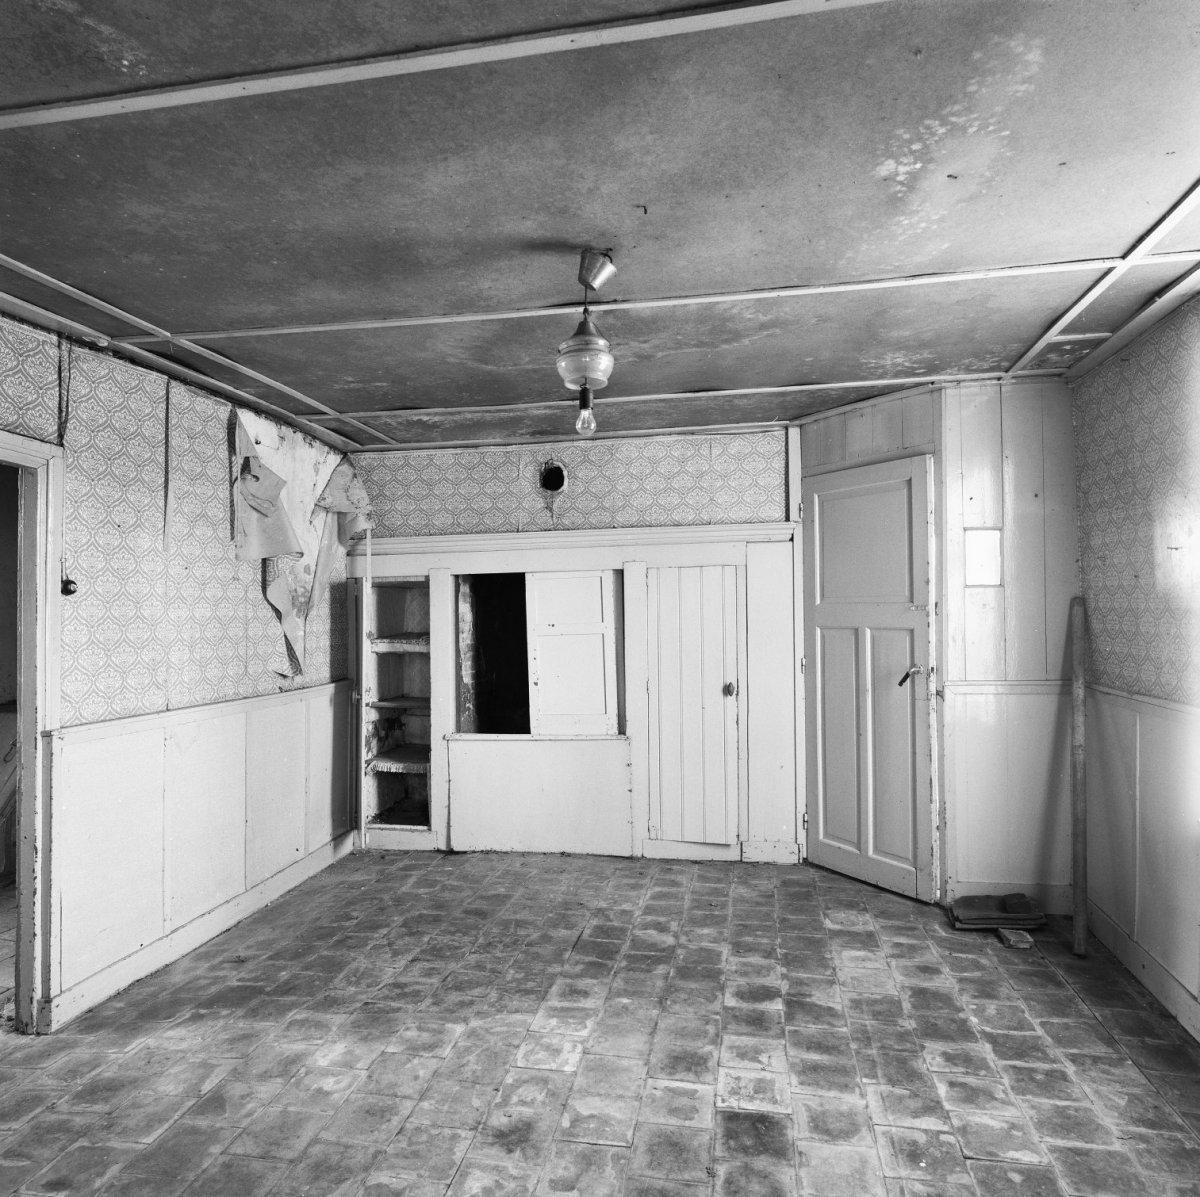 File:interieur woonkamer, overzicht spekkast en grijze tegelvloer ...